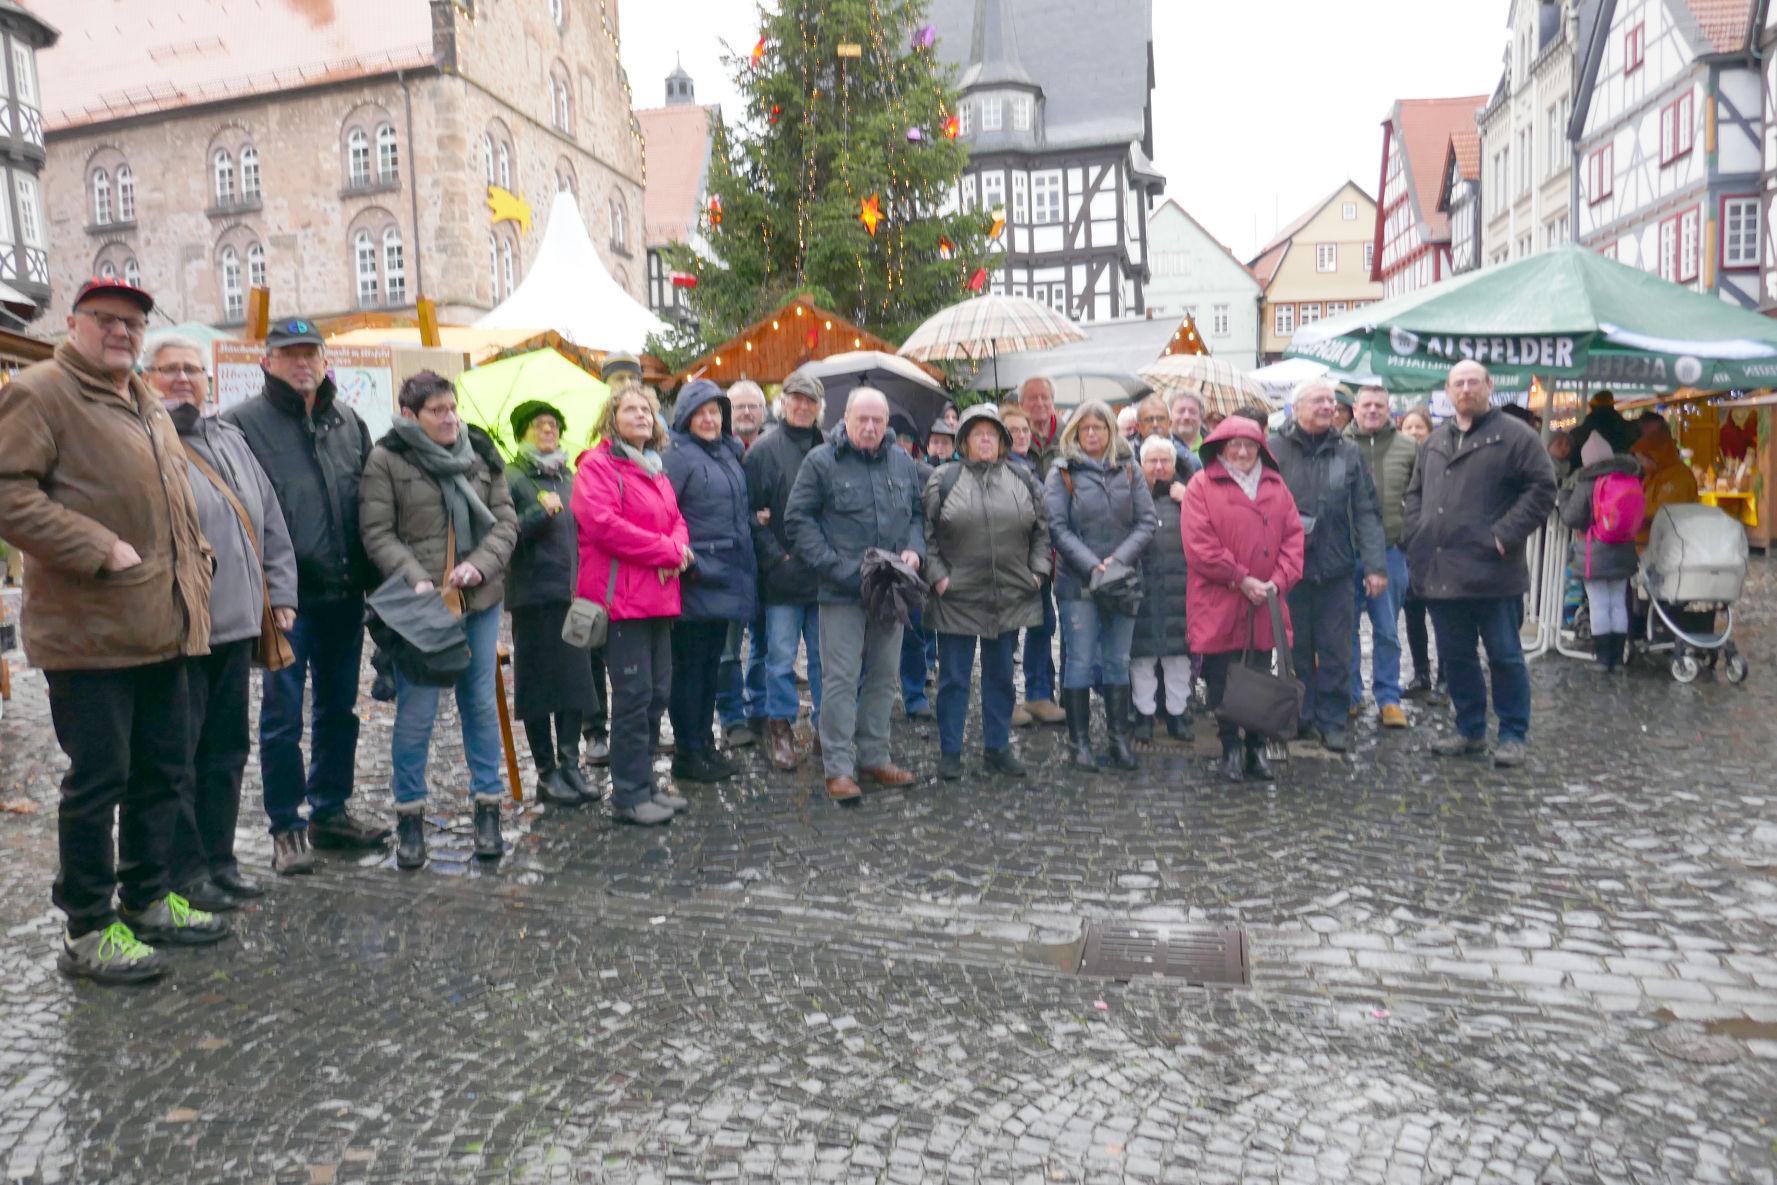 Alsfeld Weihnachtsmarkt.Ig Ortsgruppe Biedenkopf Besuchte Den Weihnachtsmarkt In Alsfeld